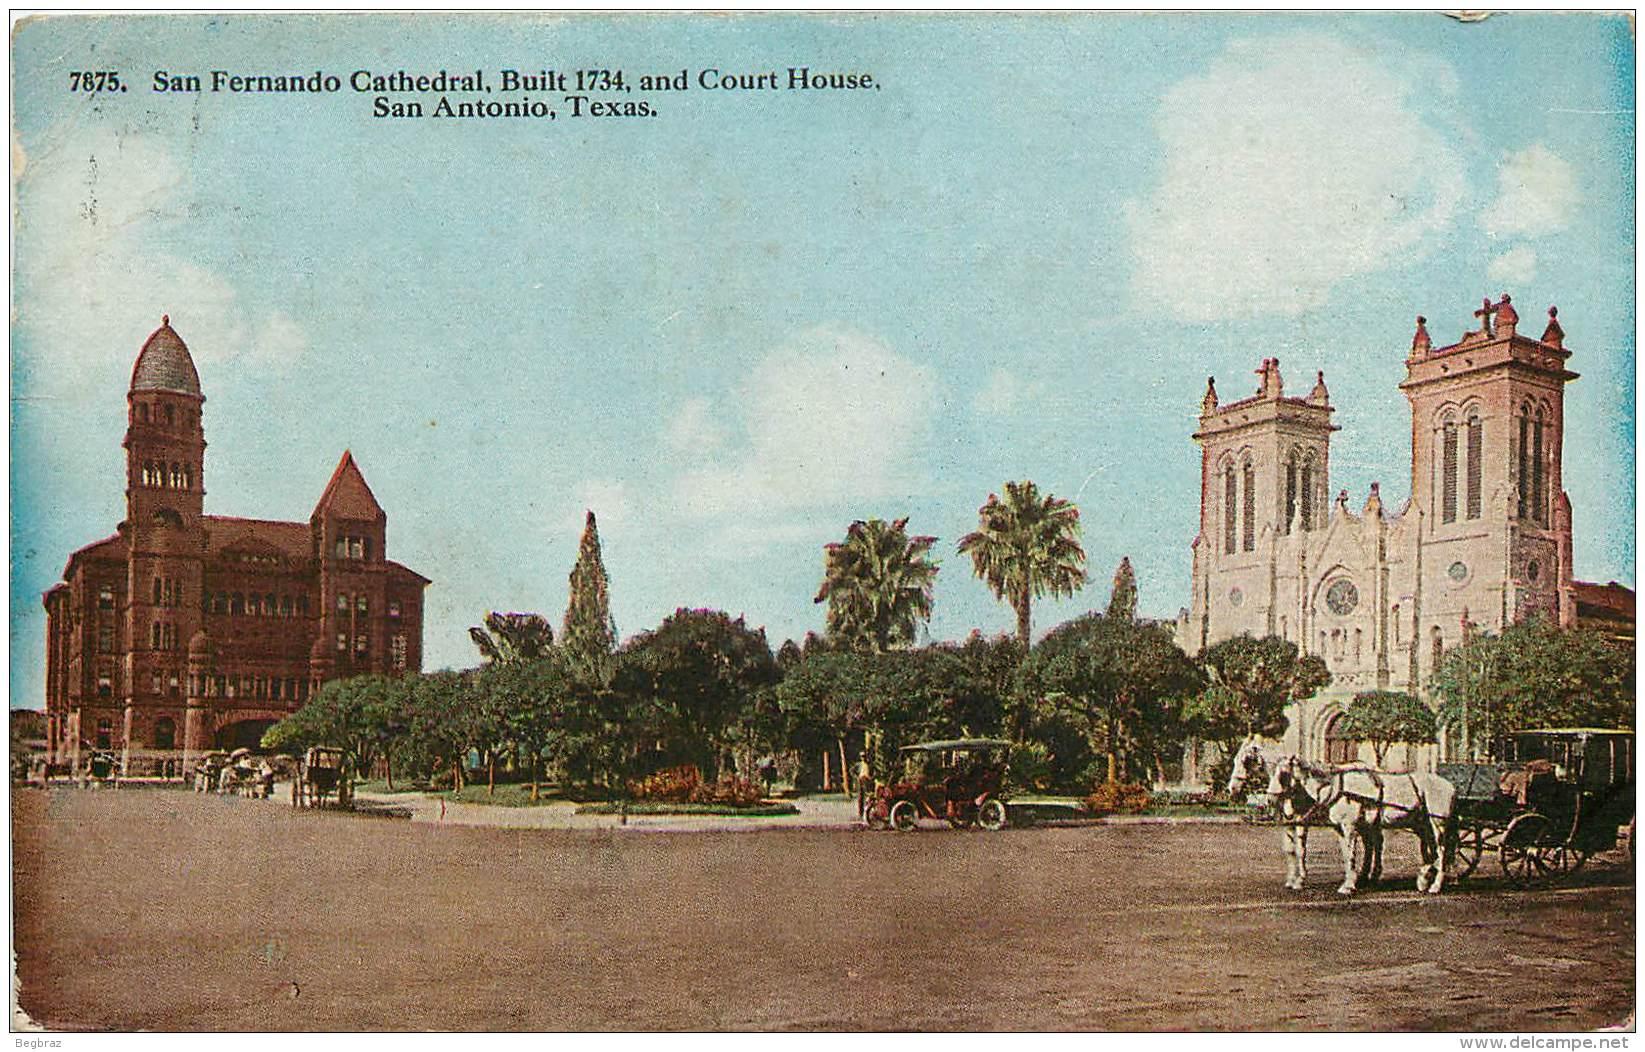 SAN ANTONIO    SAN FERNANDO CATHEDRAL - San Antonio